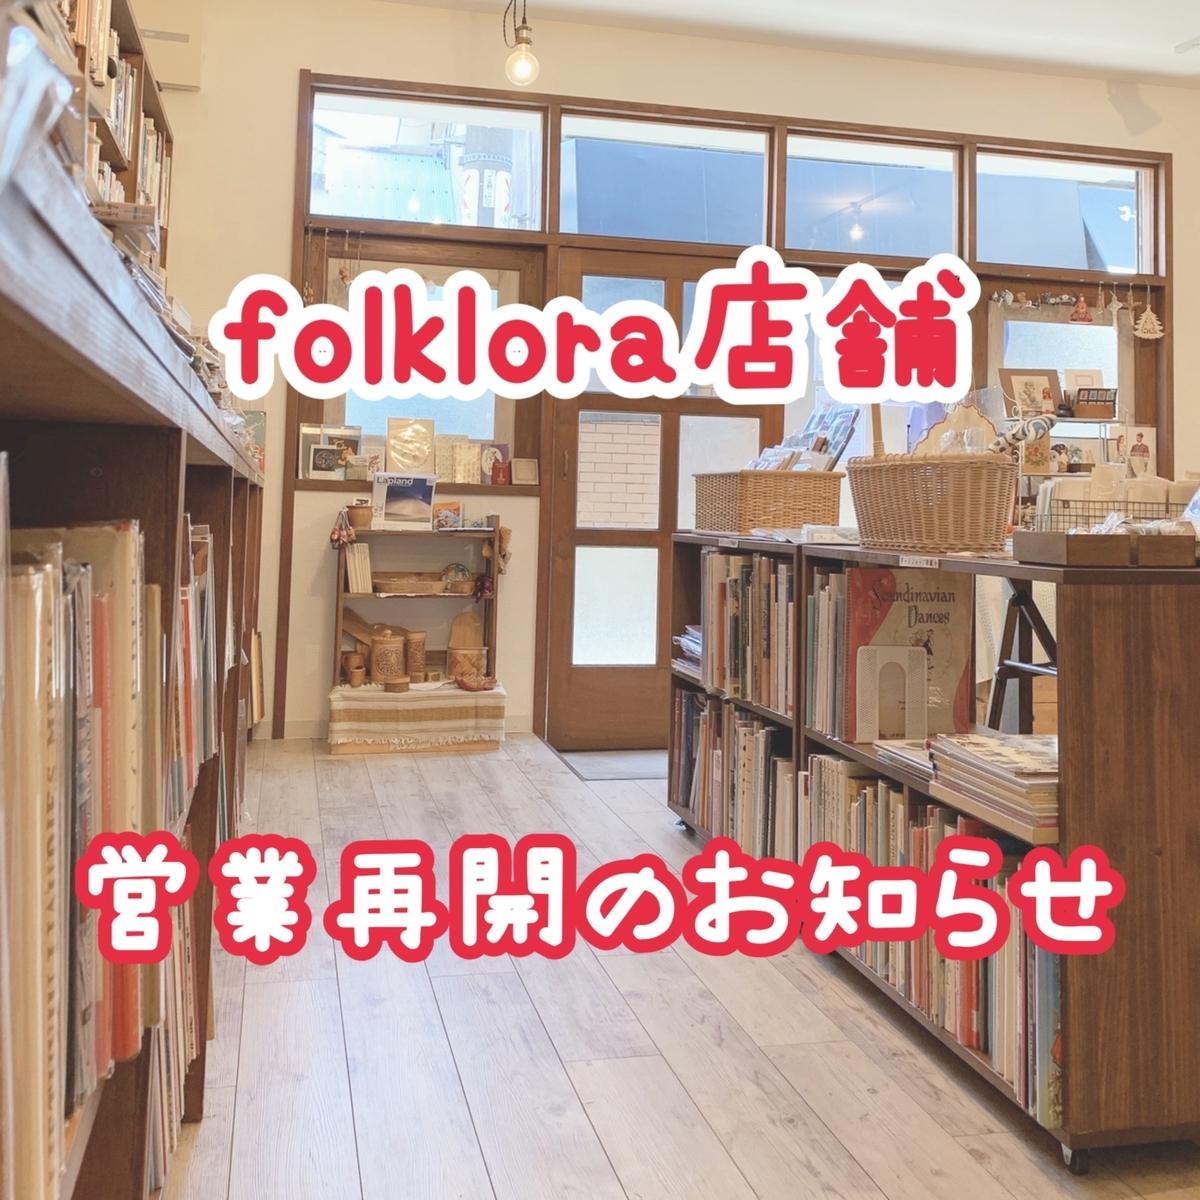 f:id:folklora:20210308121653j:plain